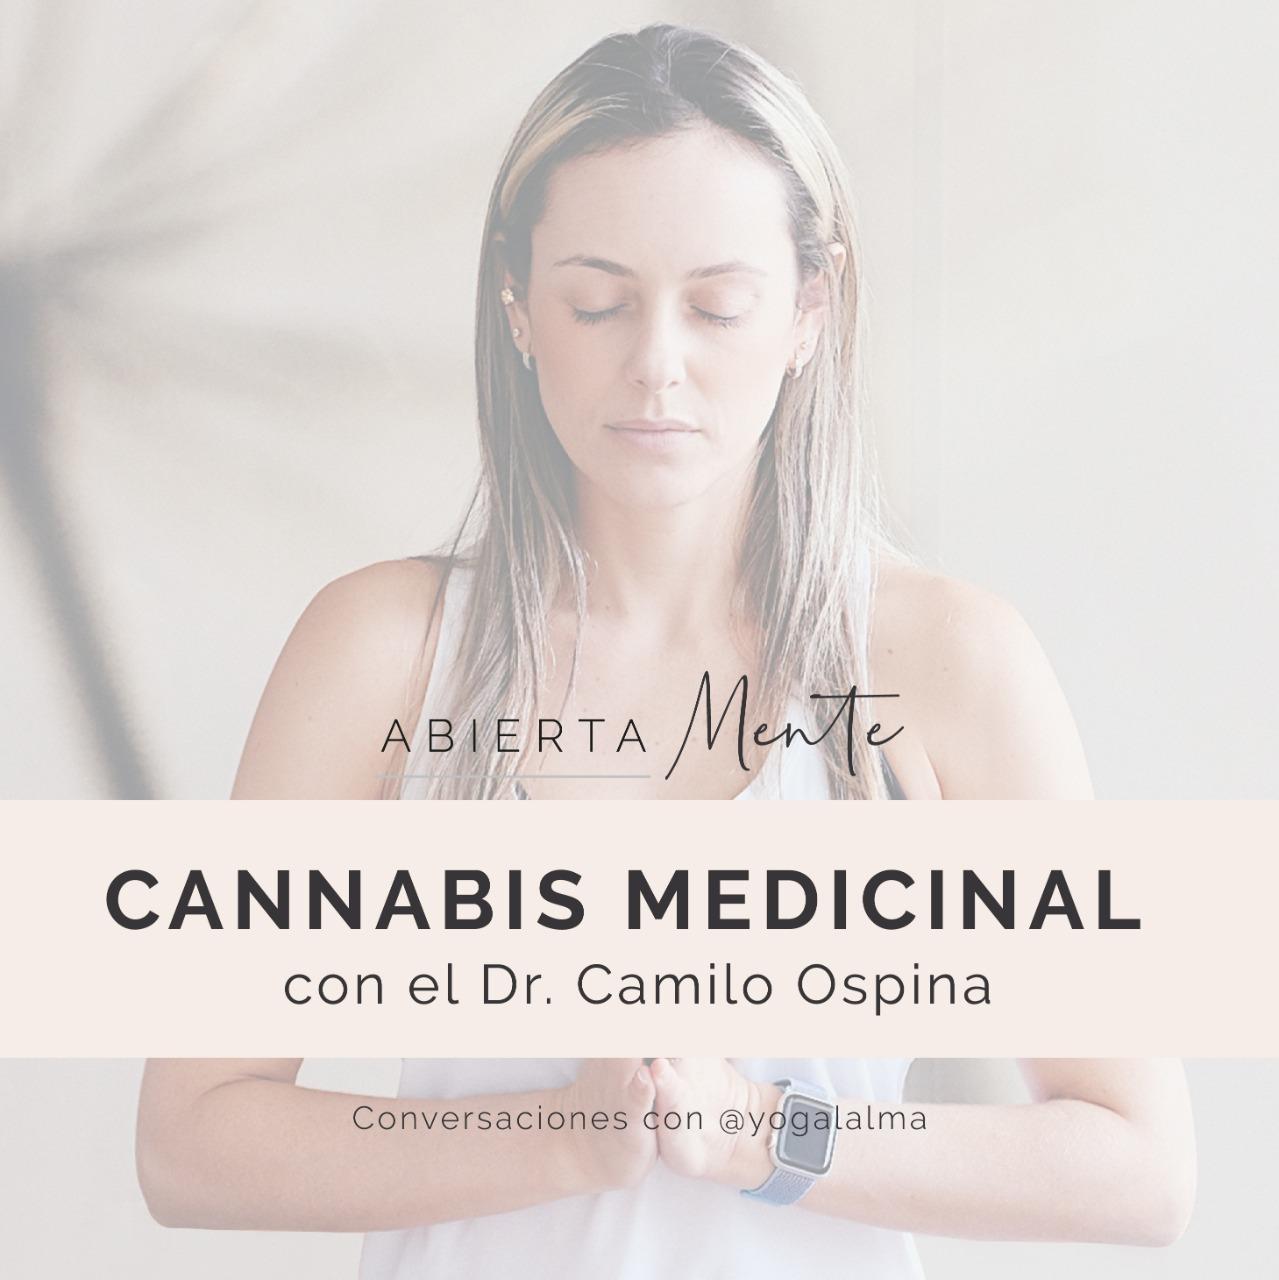 Cannabis medicinal con el Dr. Camilo Ospina